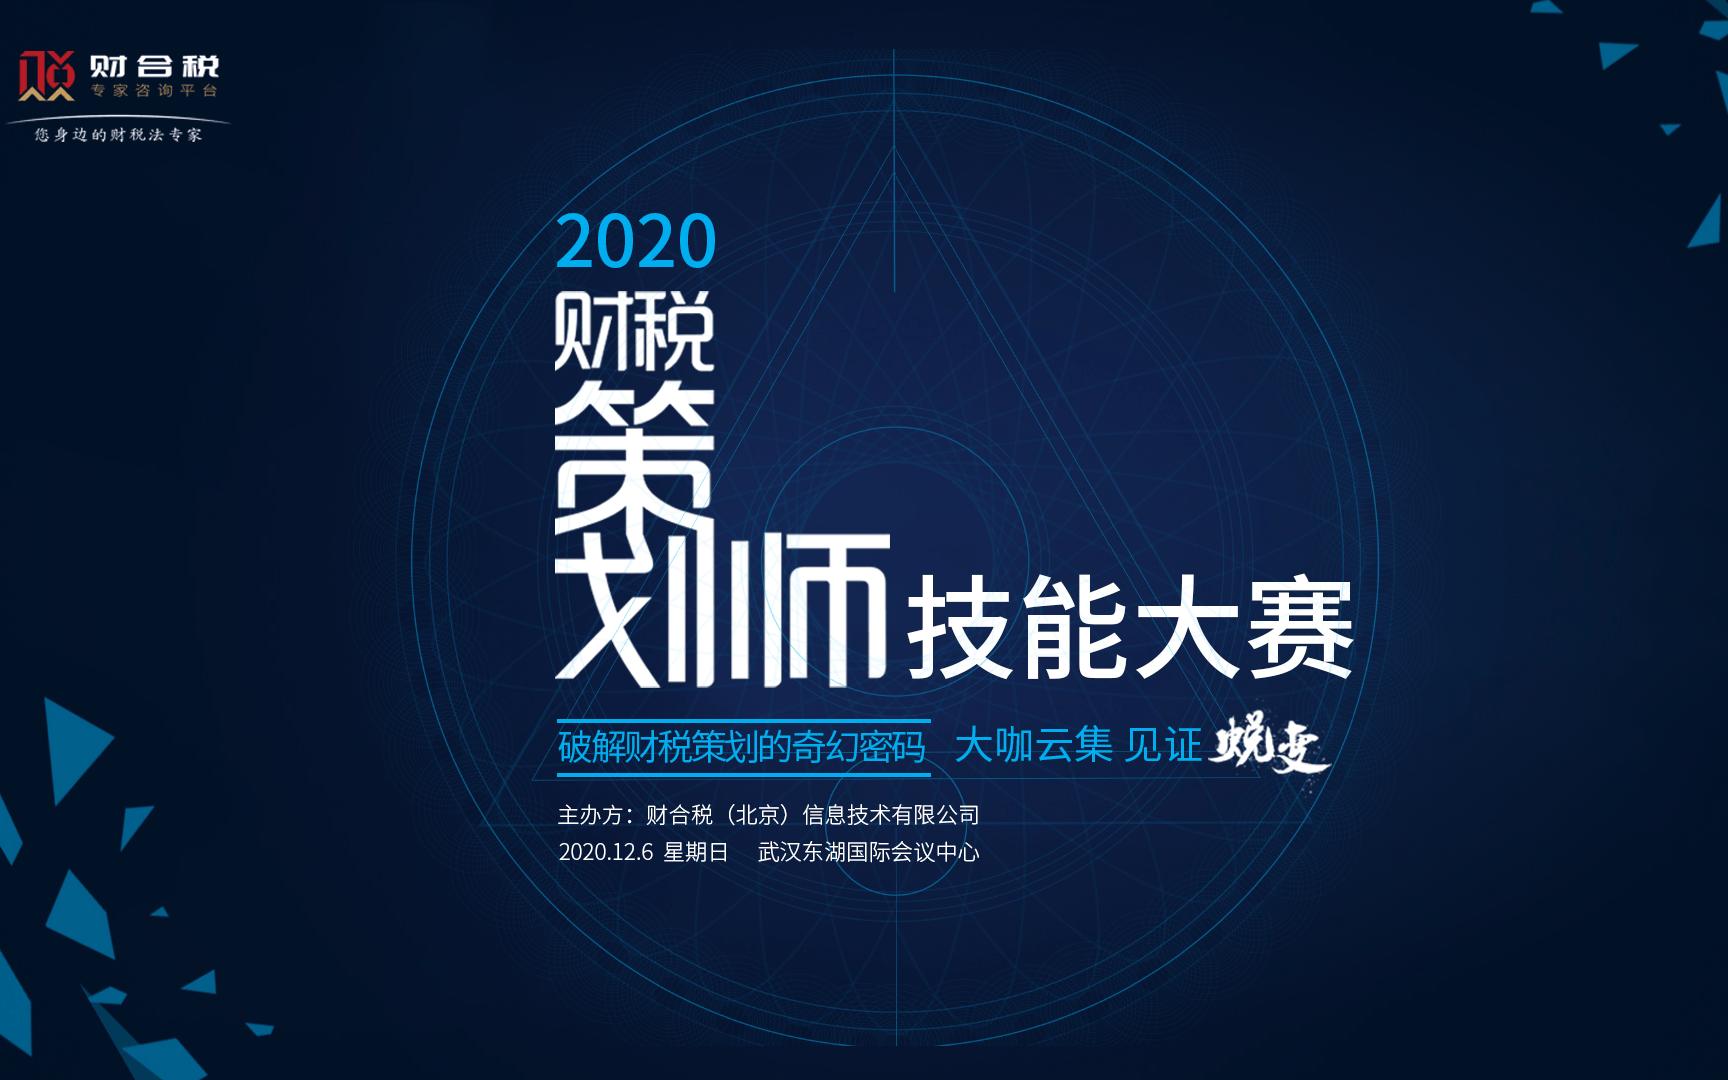 2020财税策划师技能大赛 | 首场财税高阶赛事